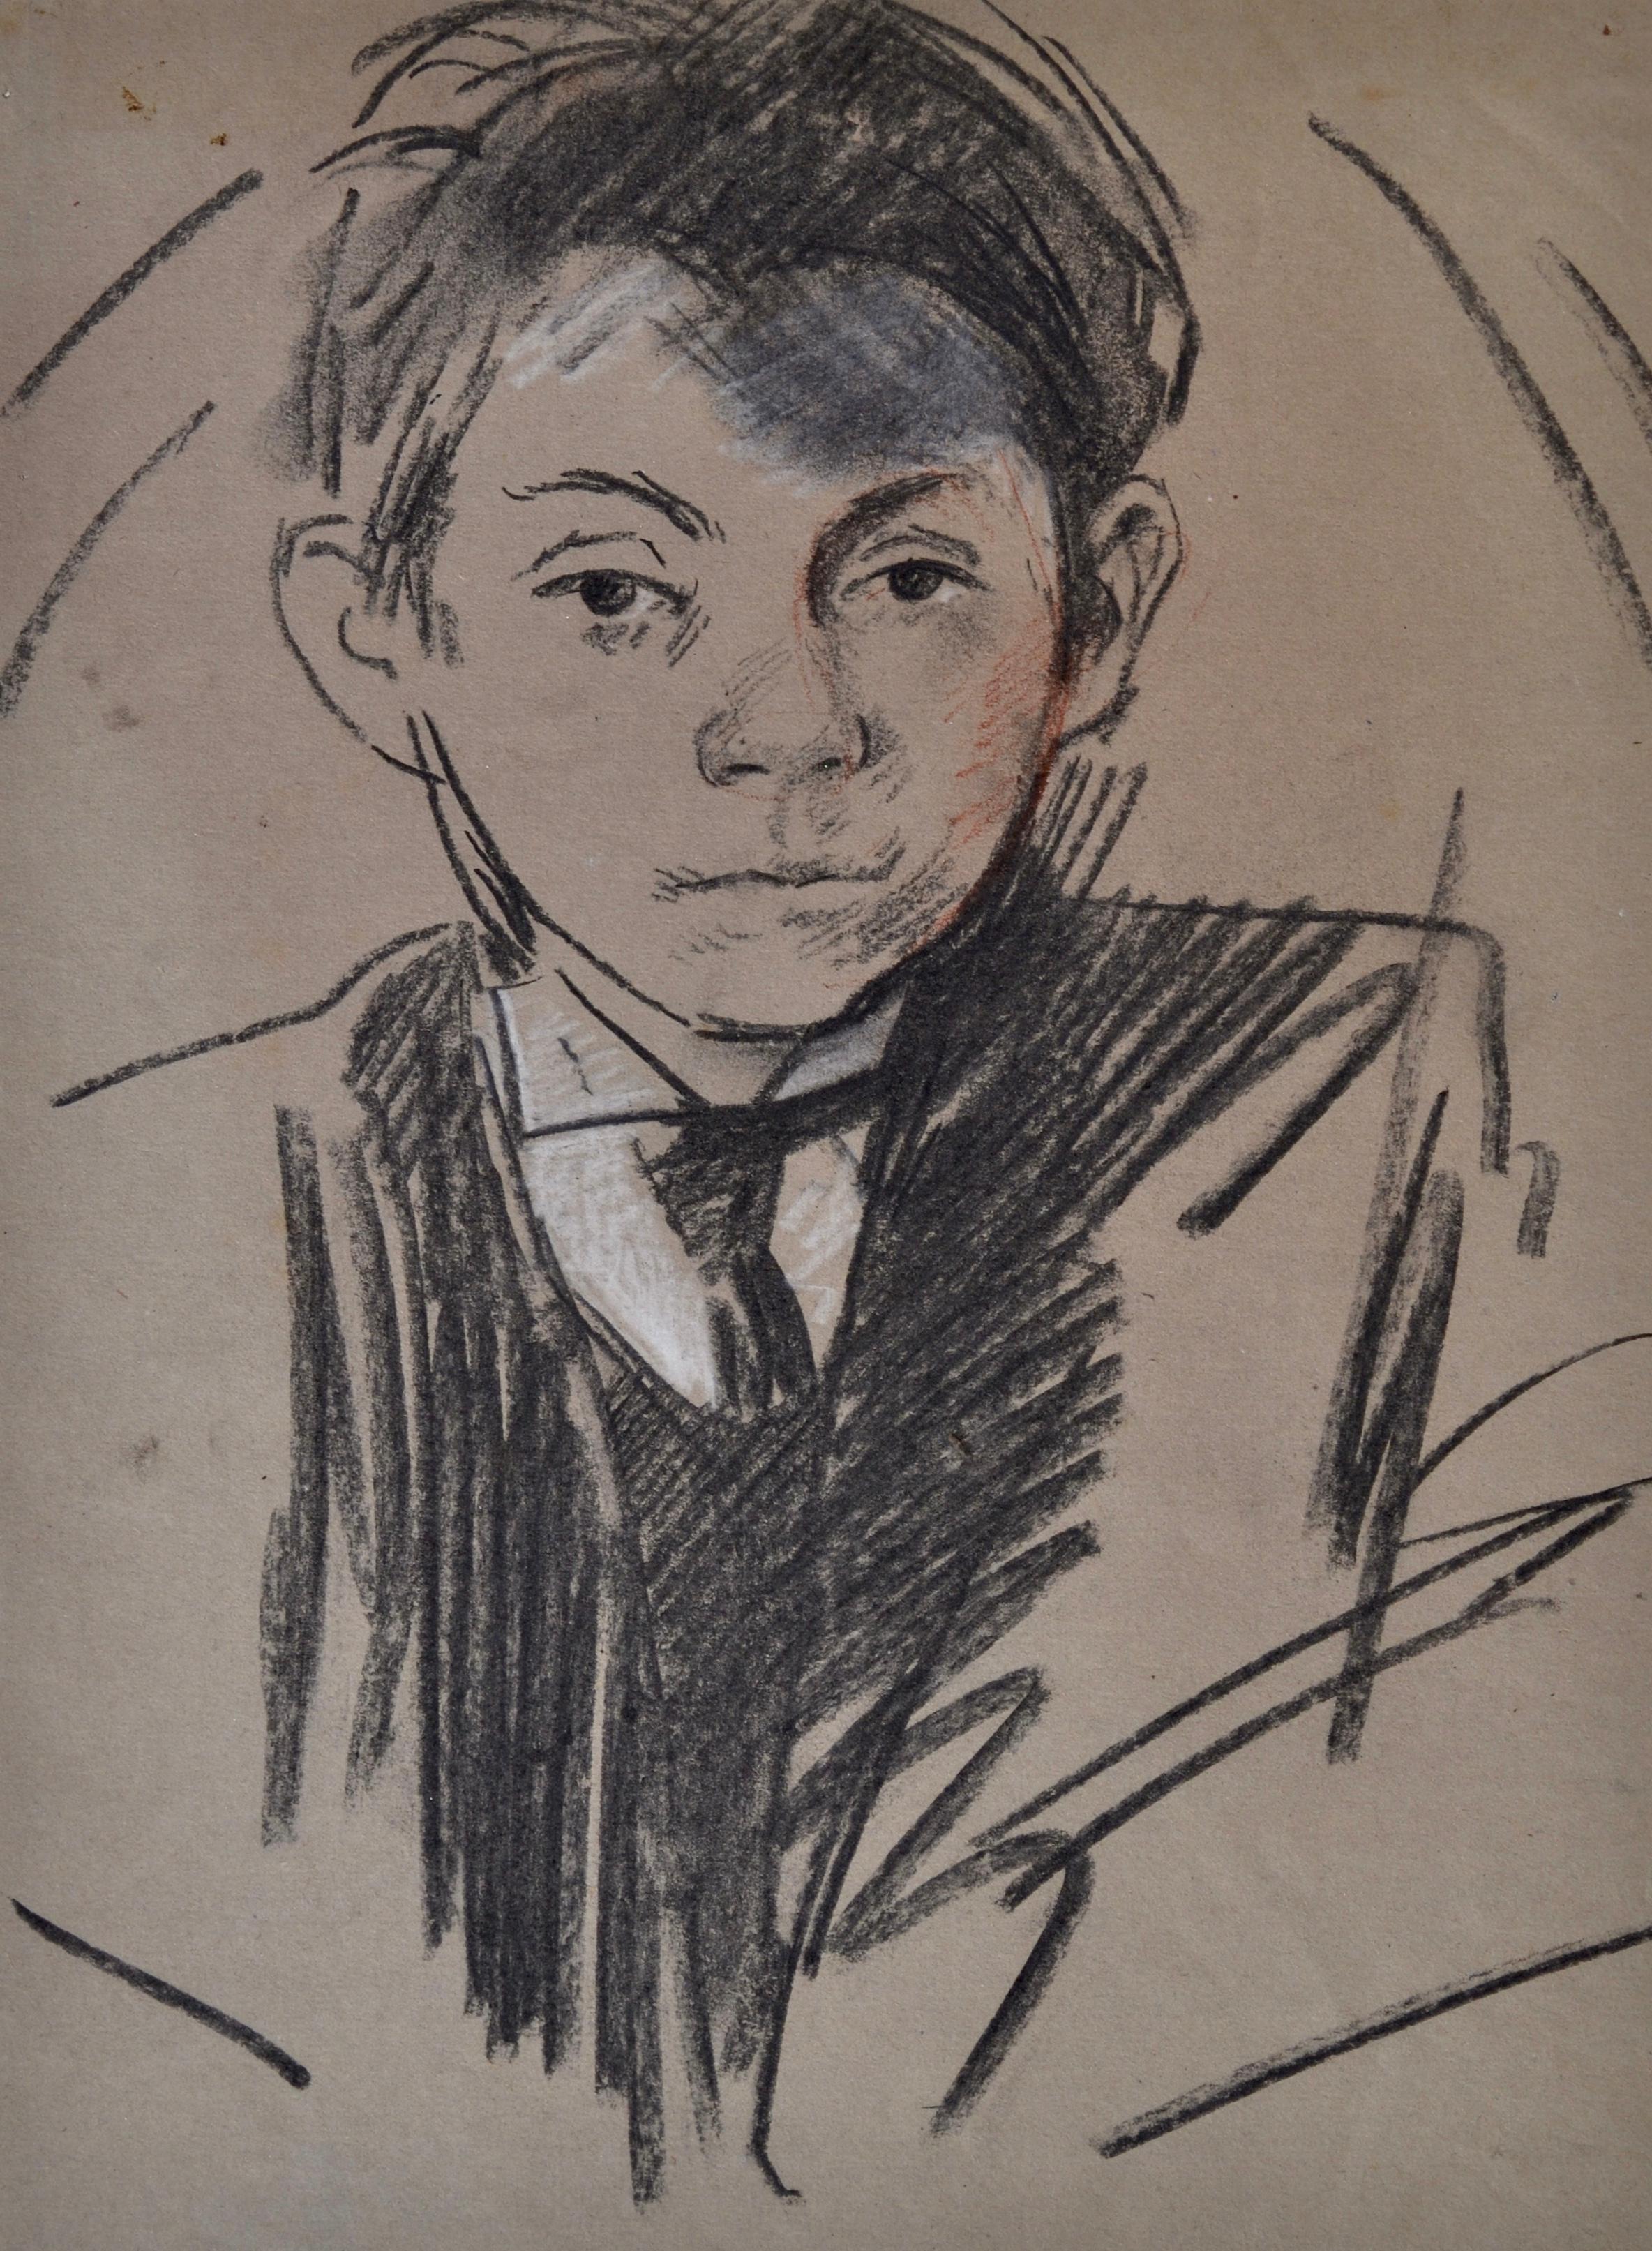 Study of a Boy - Modern British portrait drawing of a boy by John Sergeant